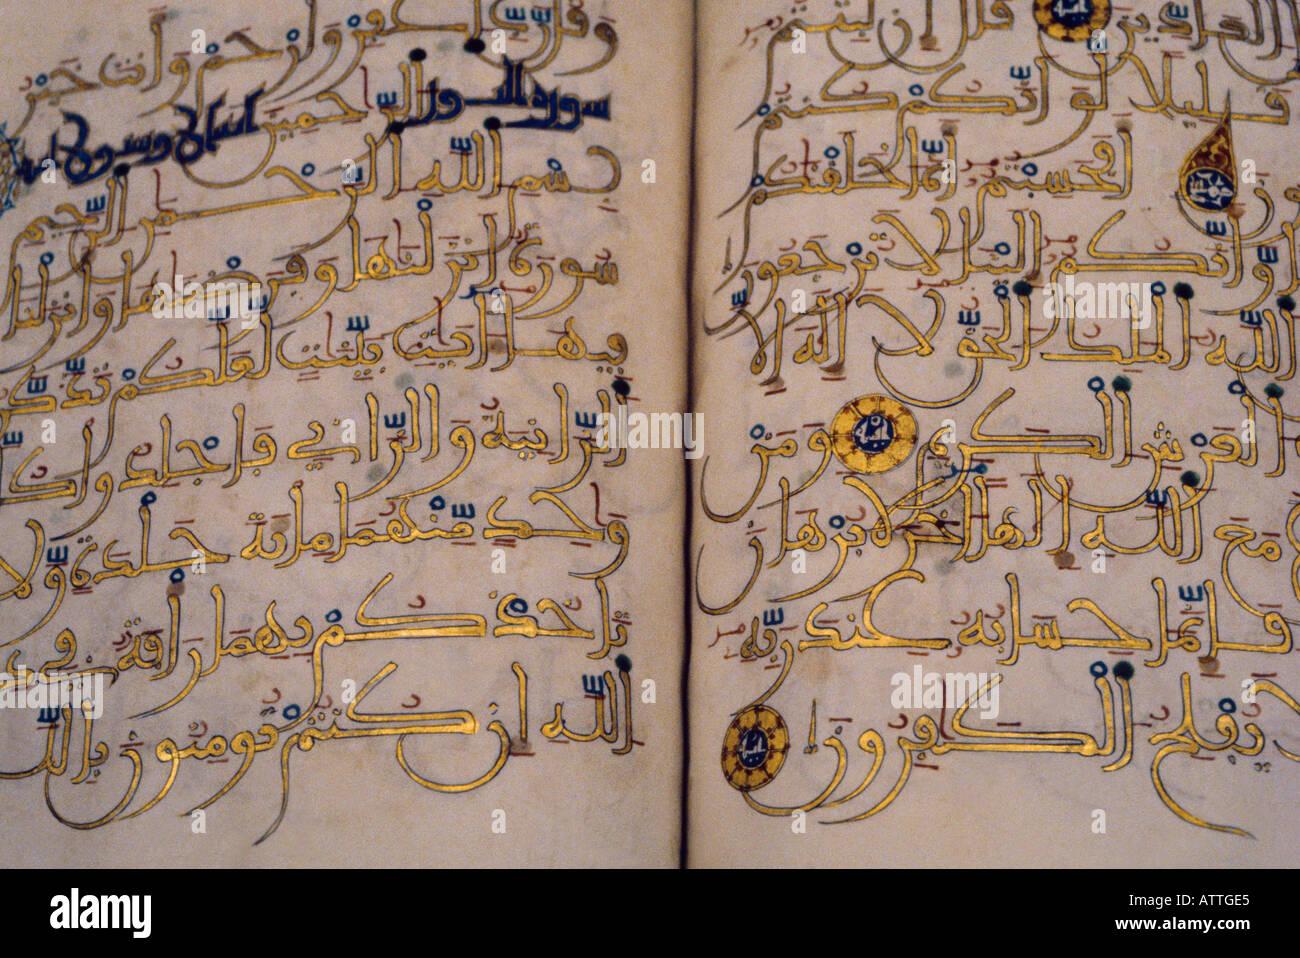 Quran 14th Century Maghribi Script North Africa topkapi - Stock Image